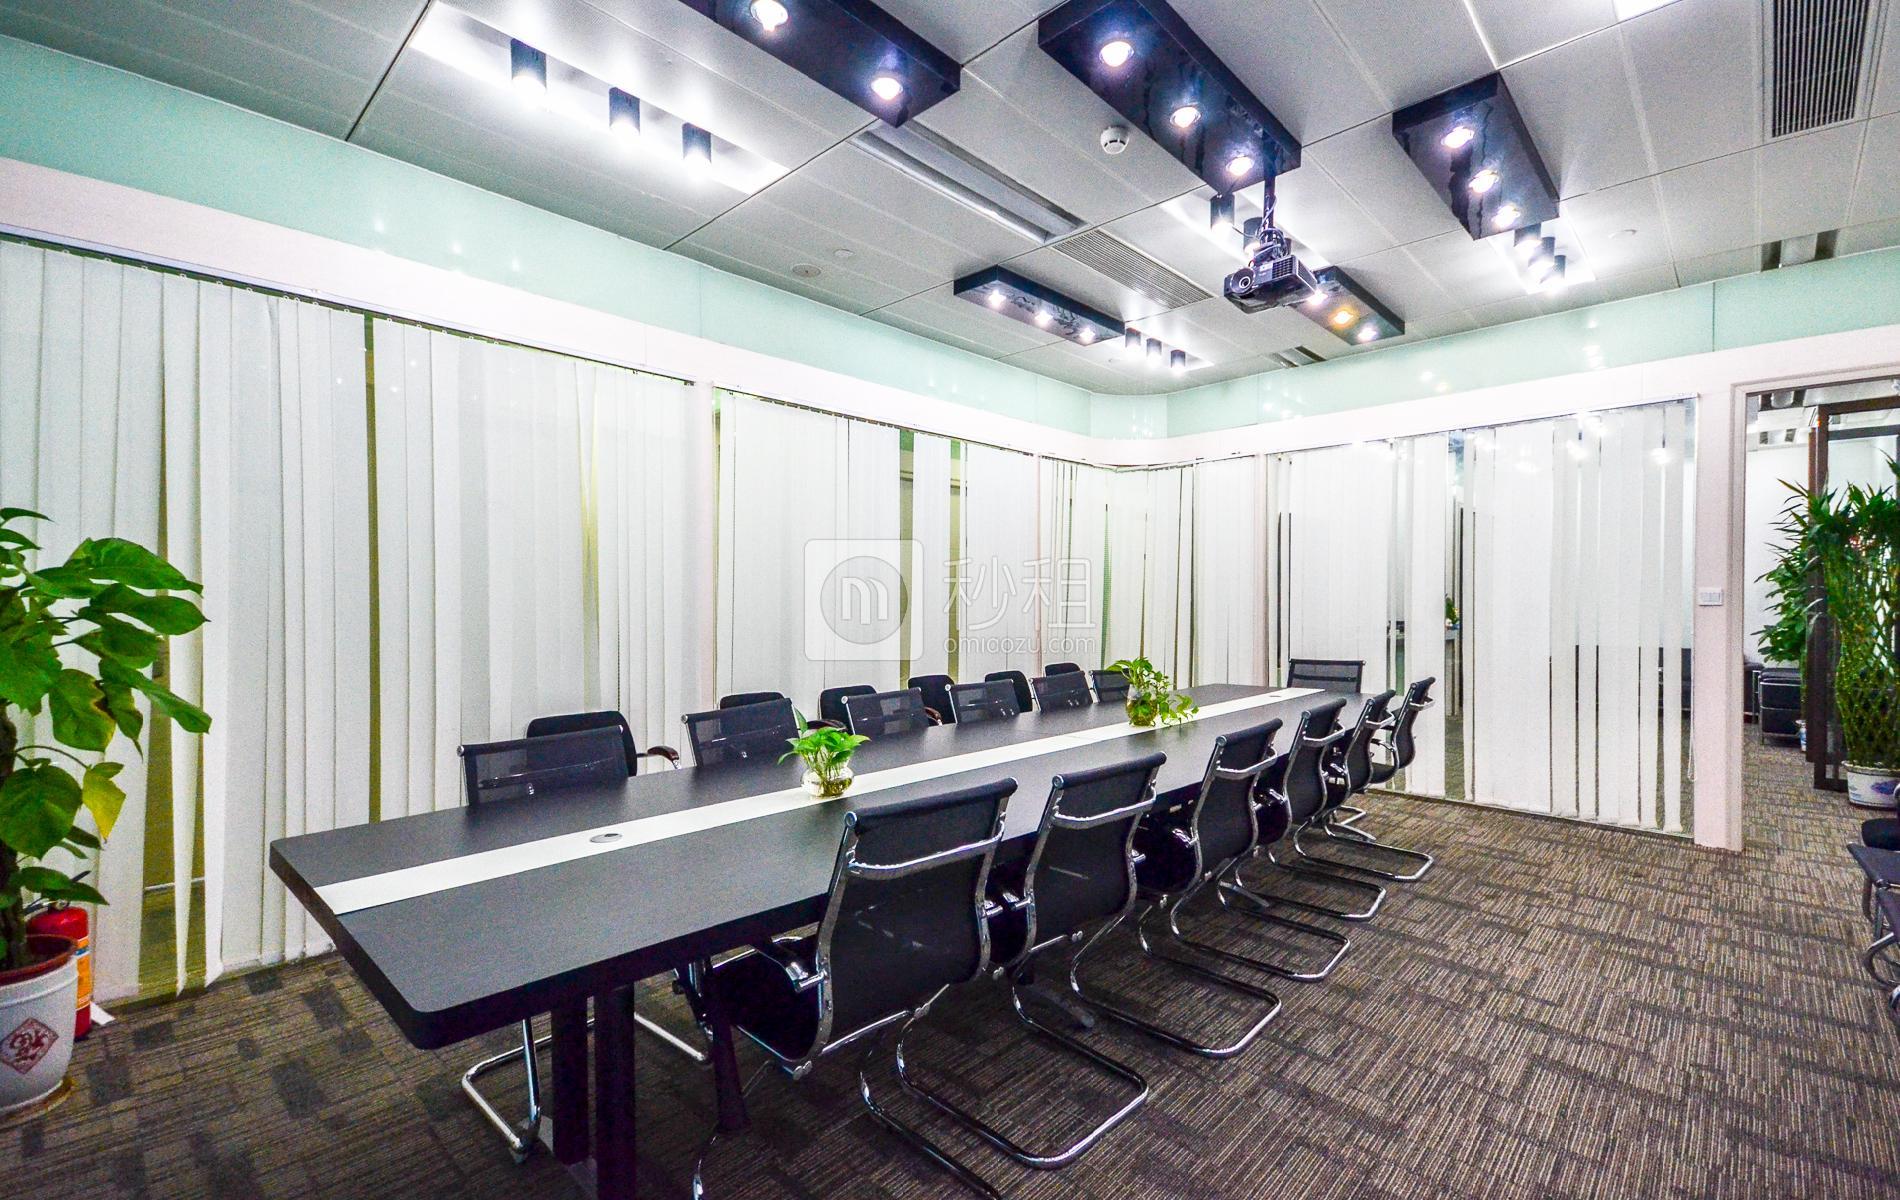 创富港-广州银行大厦写字楼出租/招租/租赁,创富港-广州银行大厦办公室出租/招租/租赁